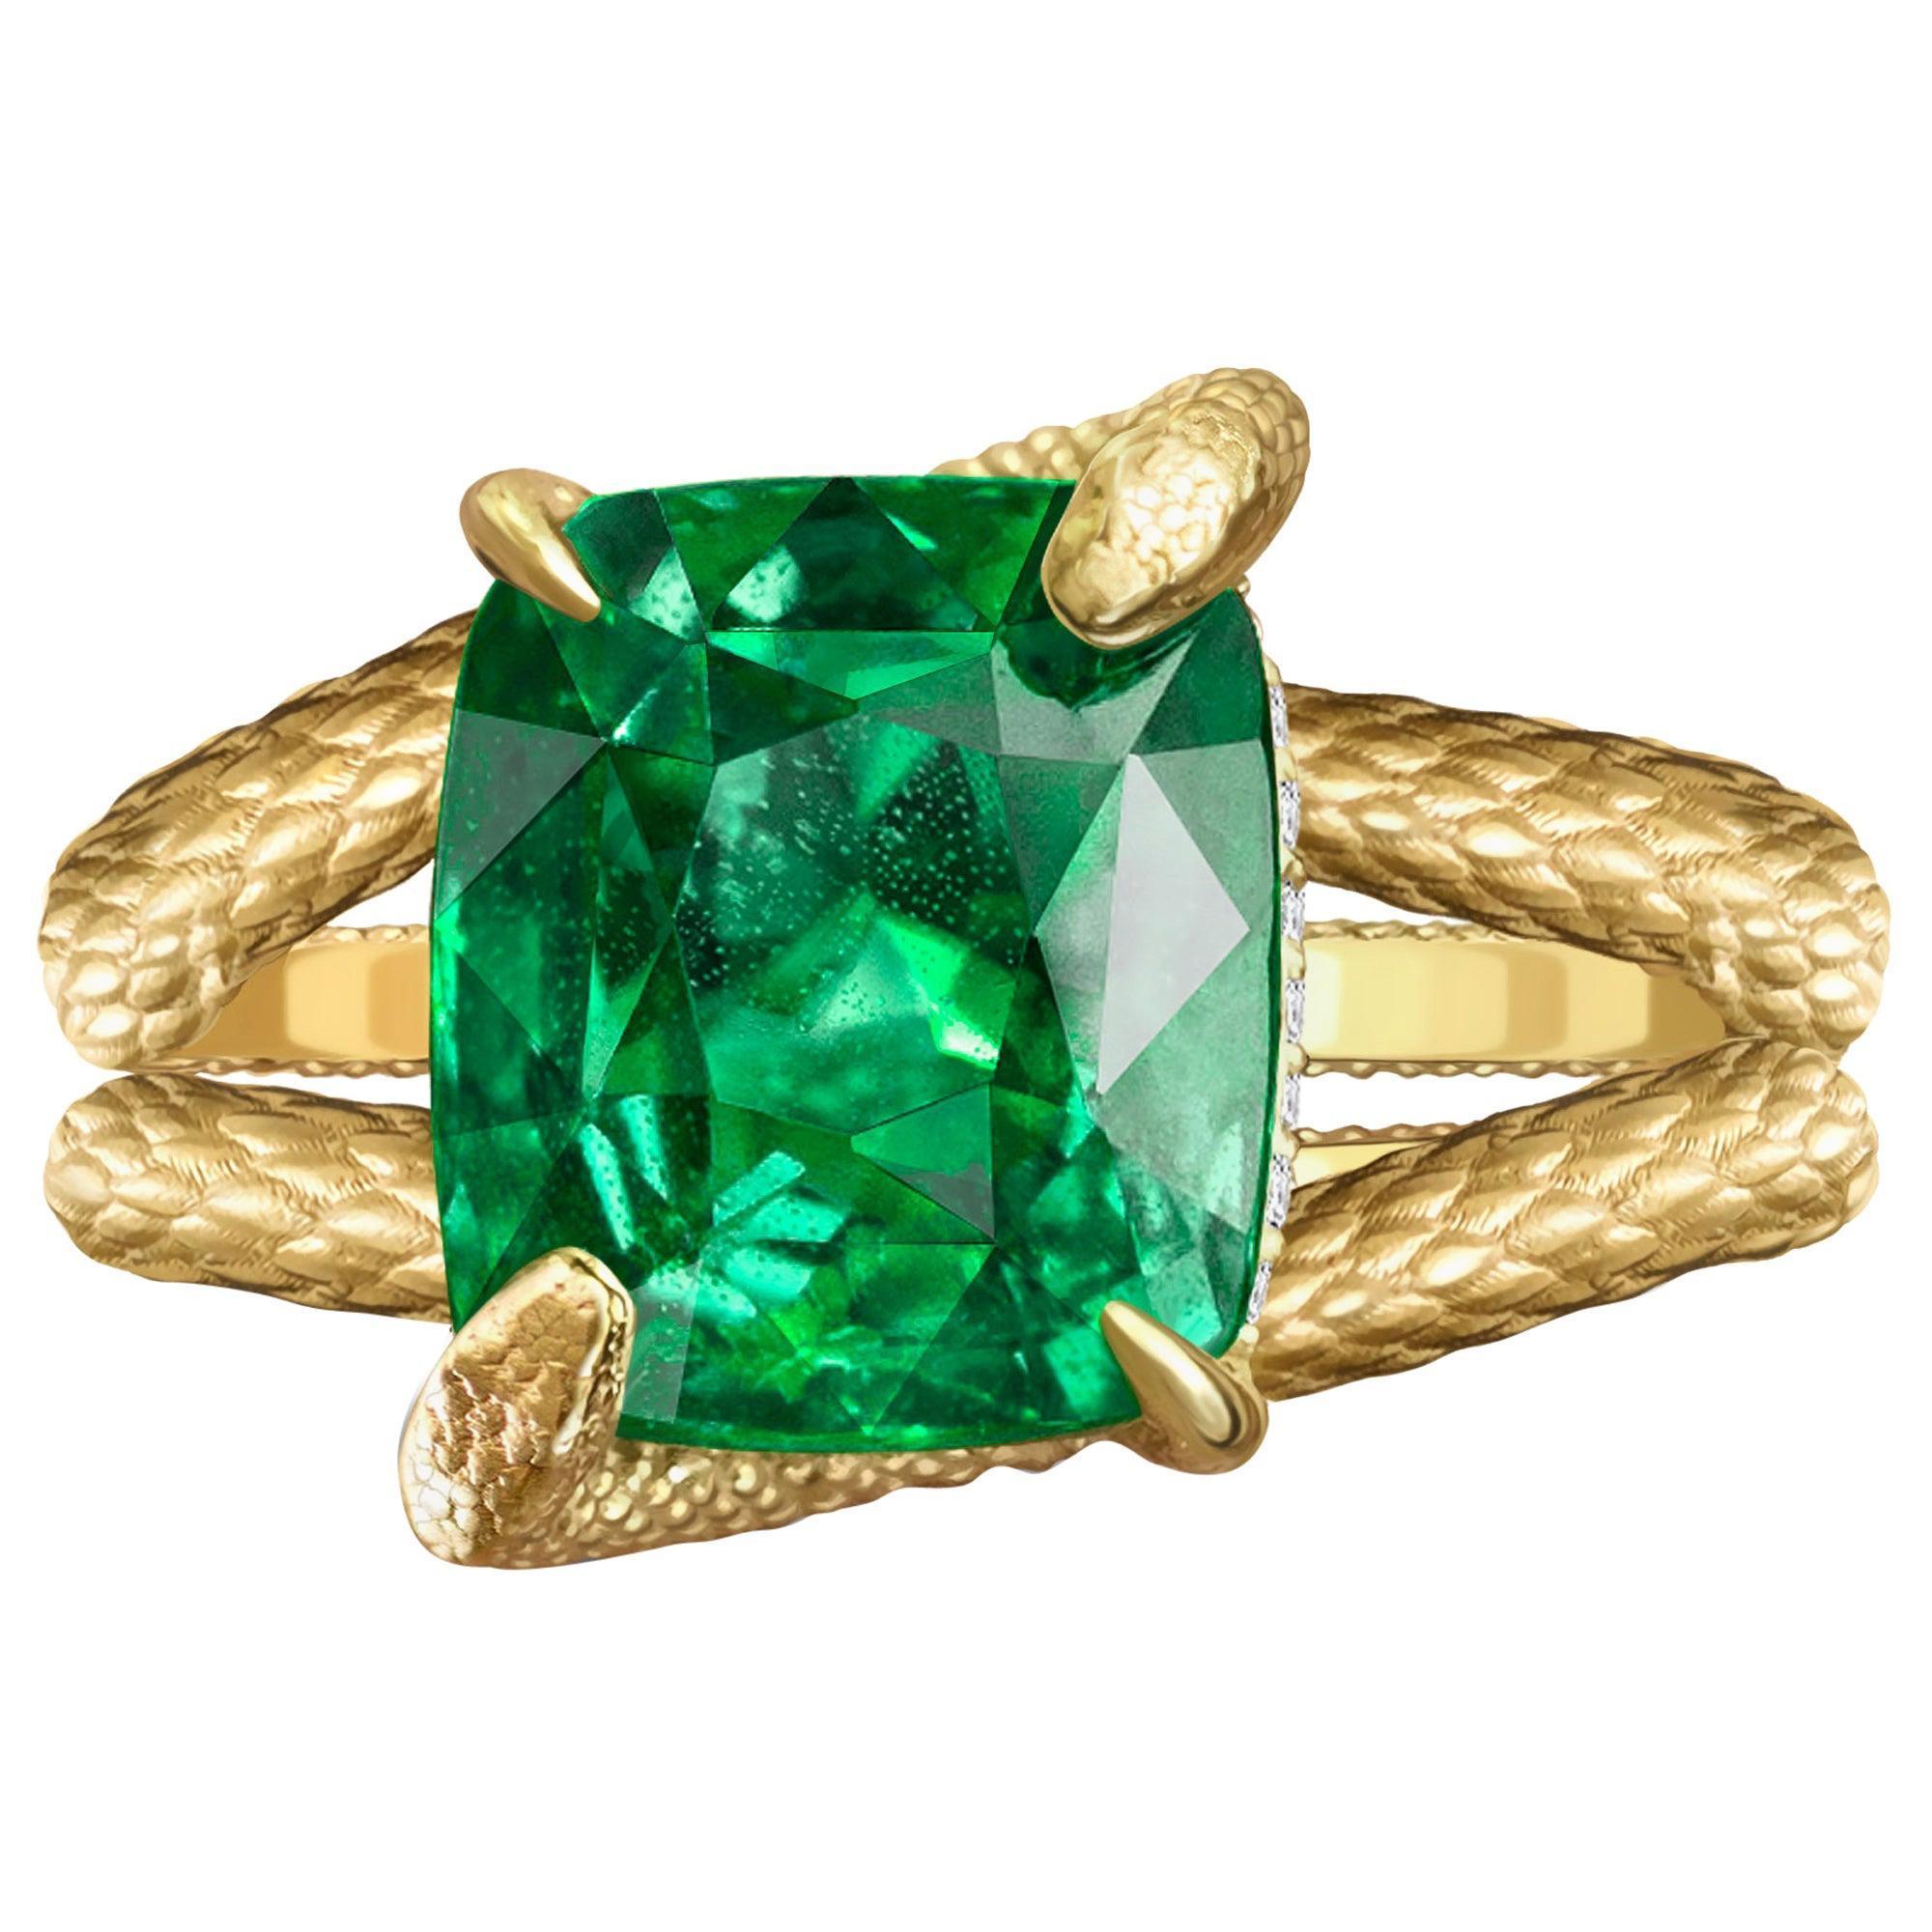 Snake Ring 6 Carat Intense Green Natural Tsavorite 18 Karat Yellow Gold